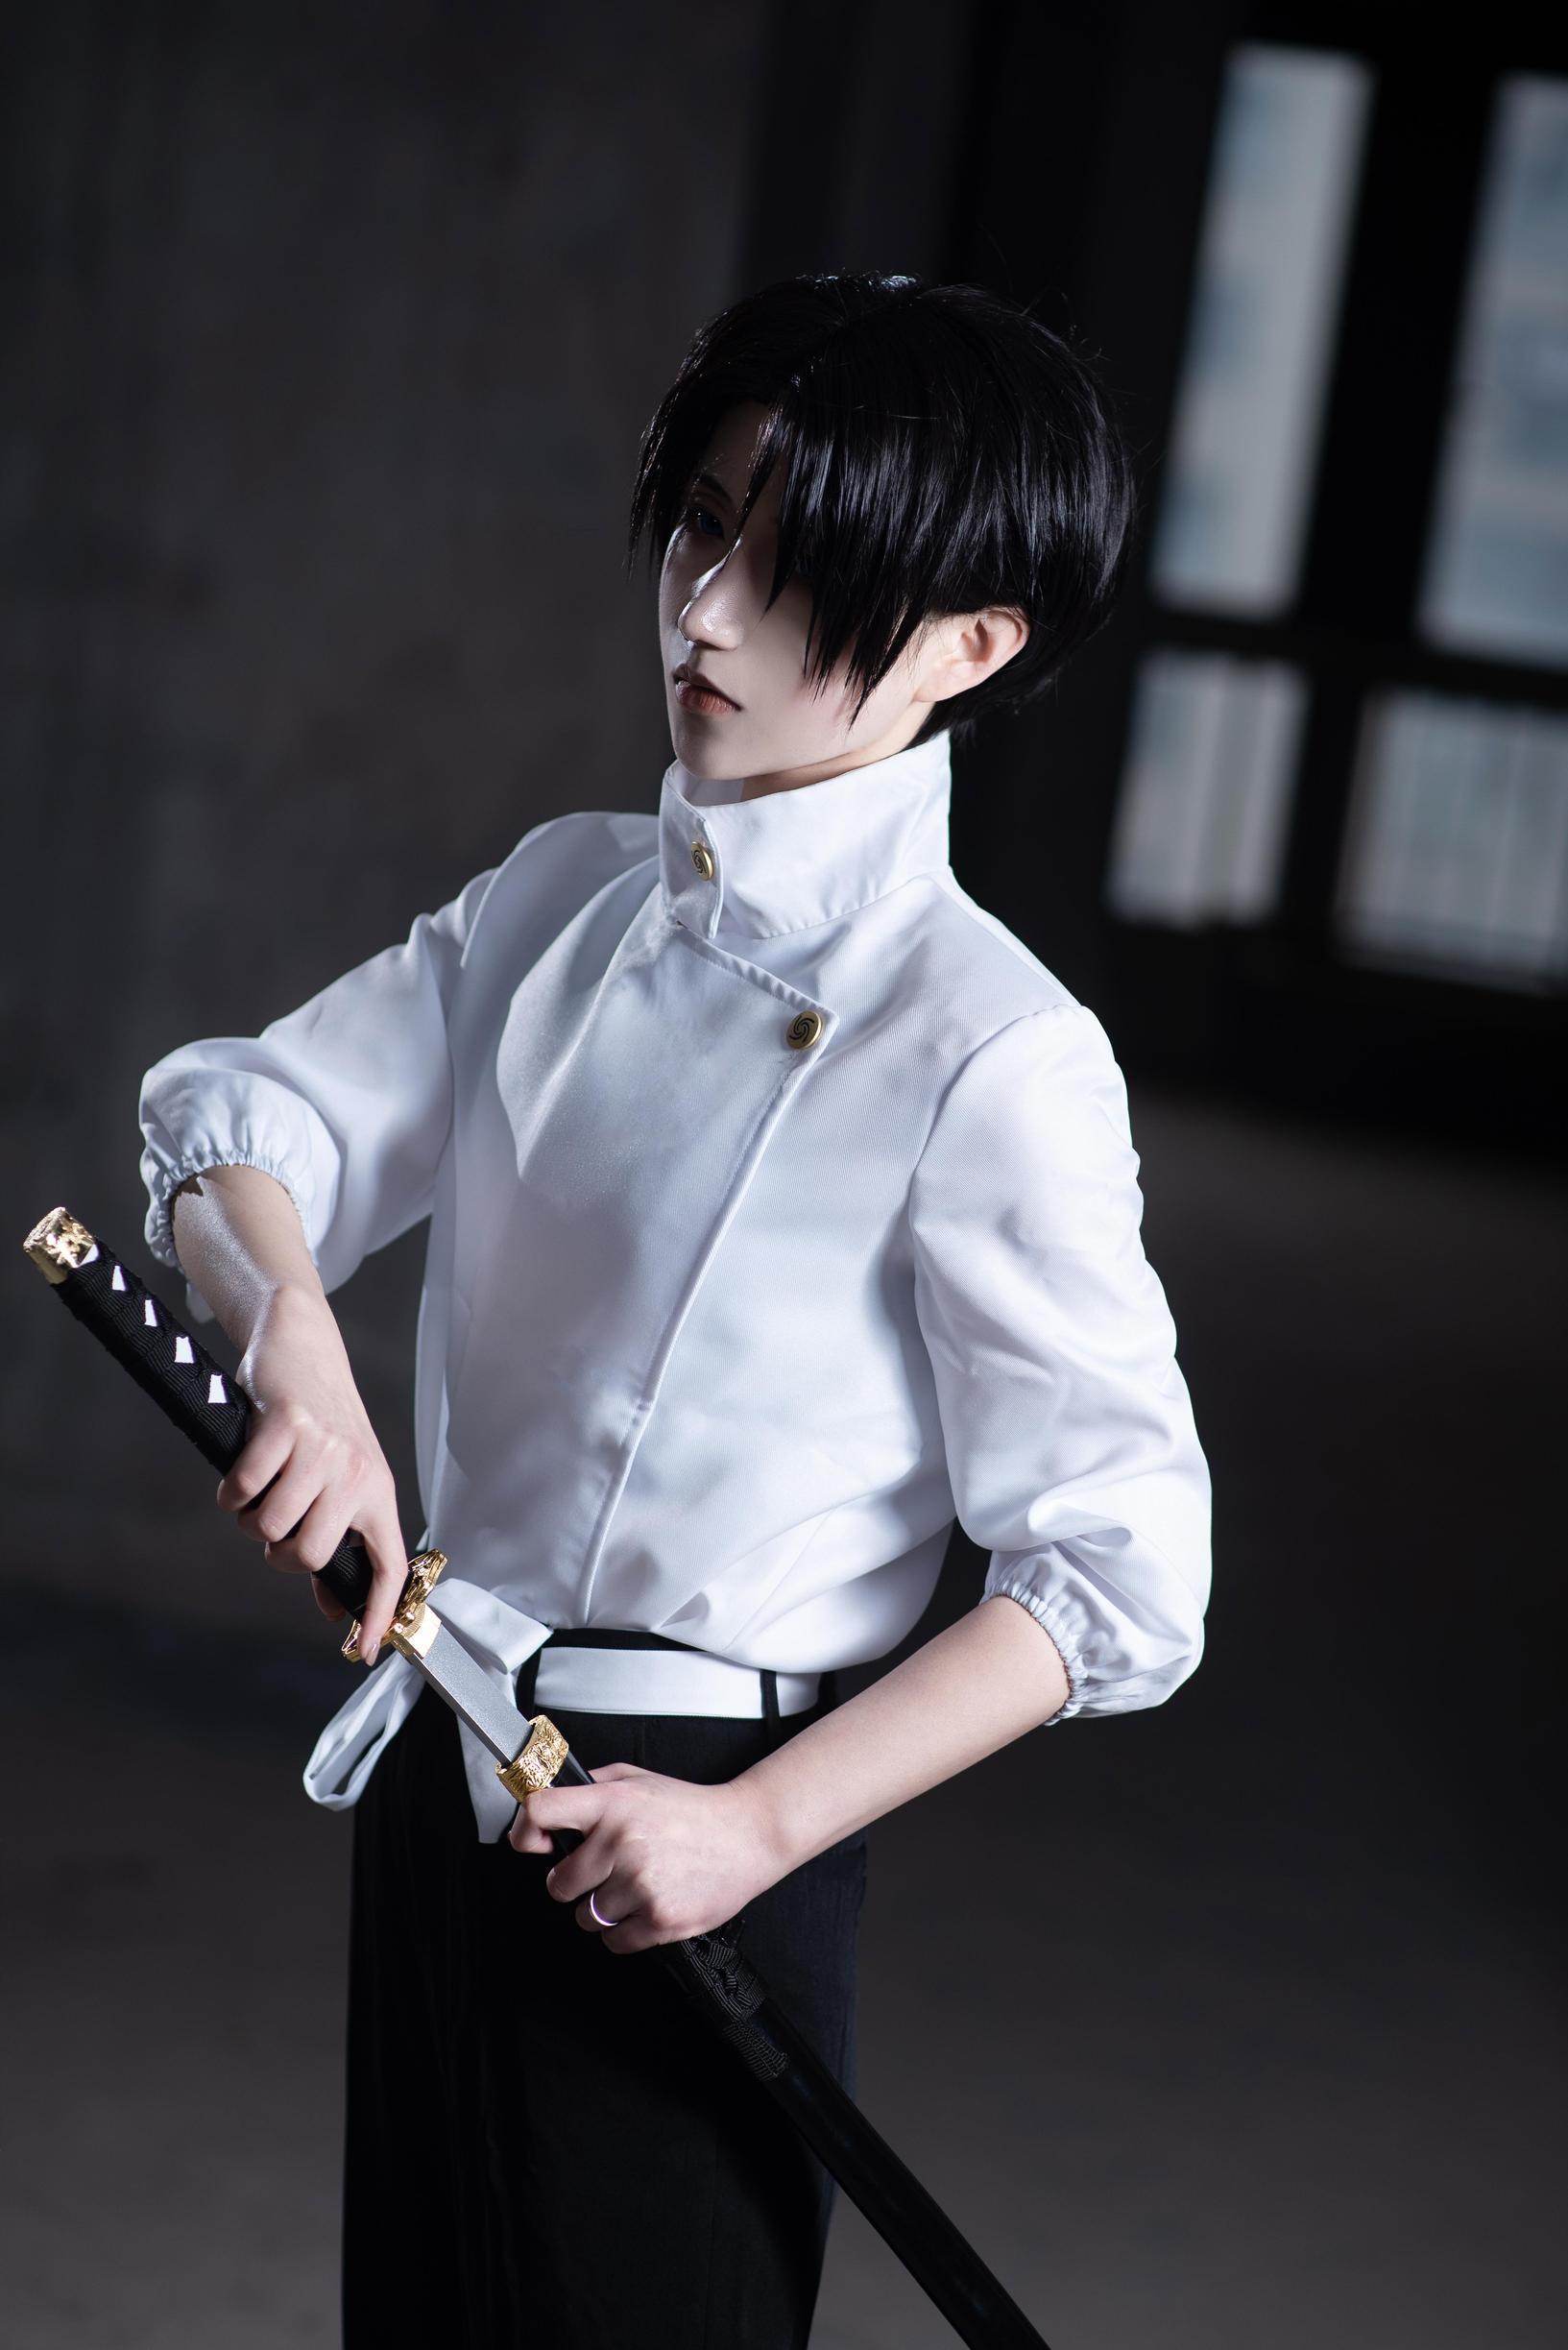 《咒术回战》正片cosplay【CN:物部弥生】-第2张